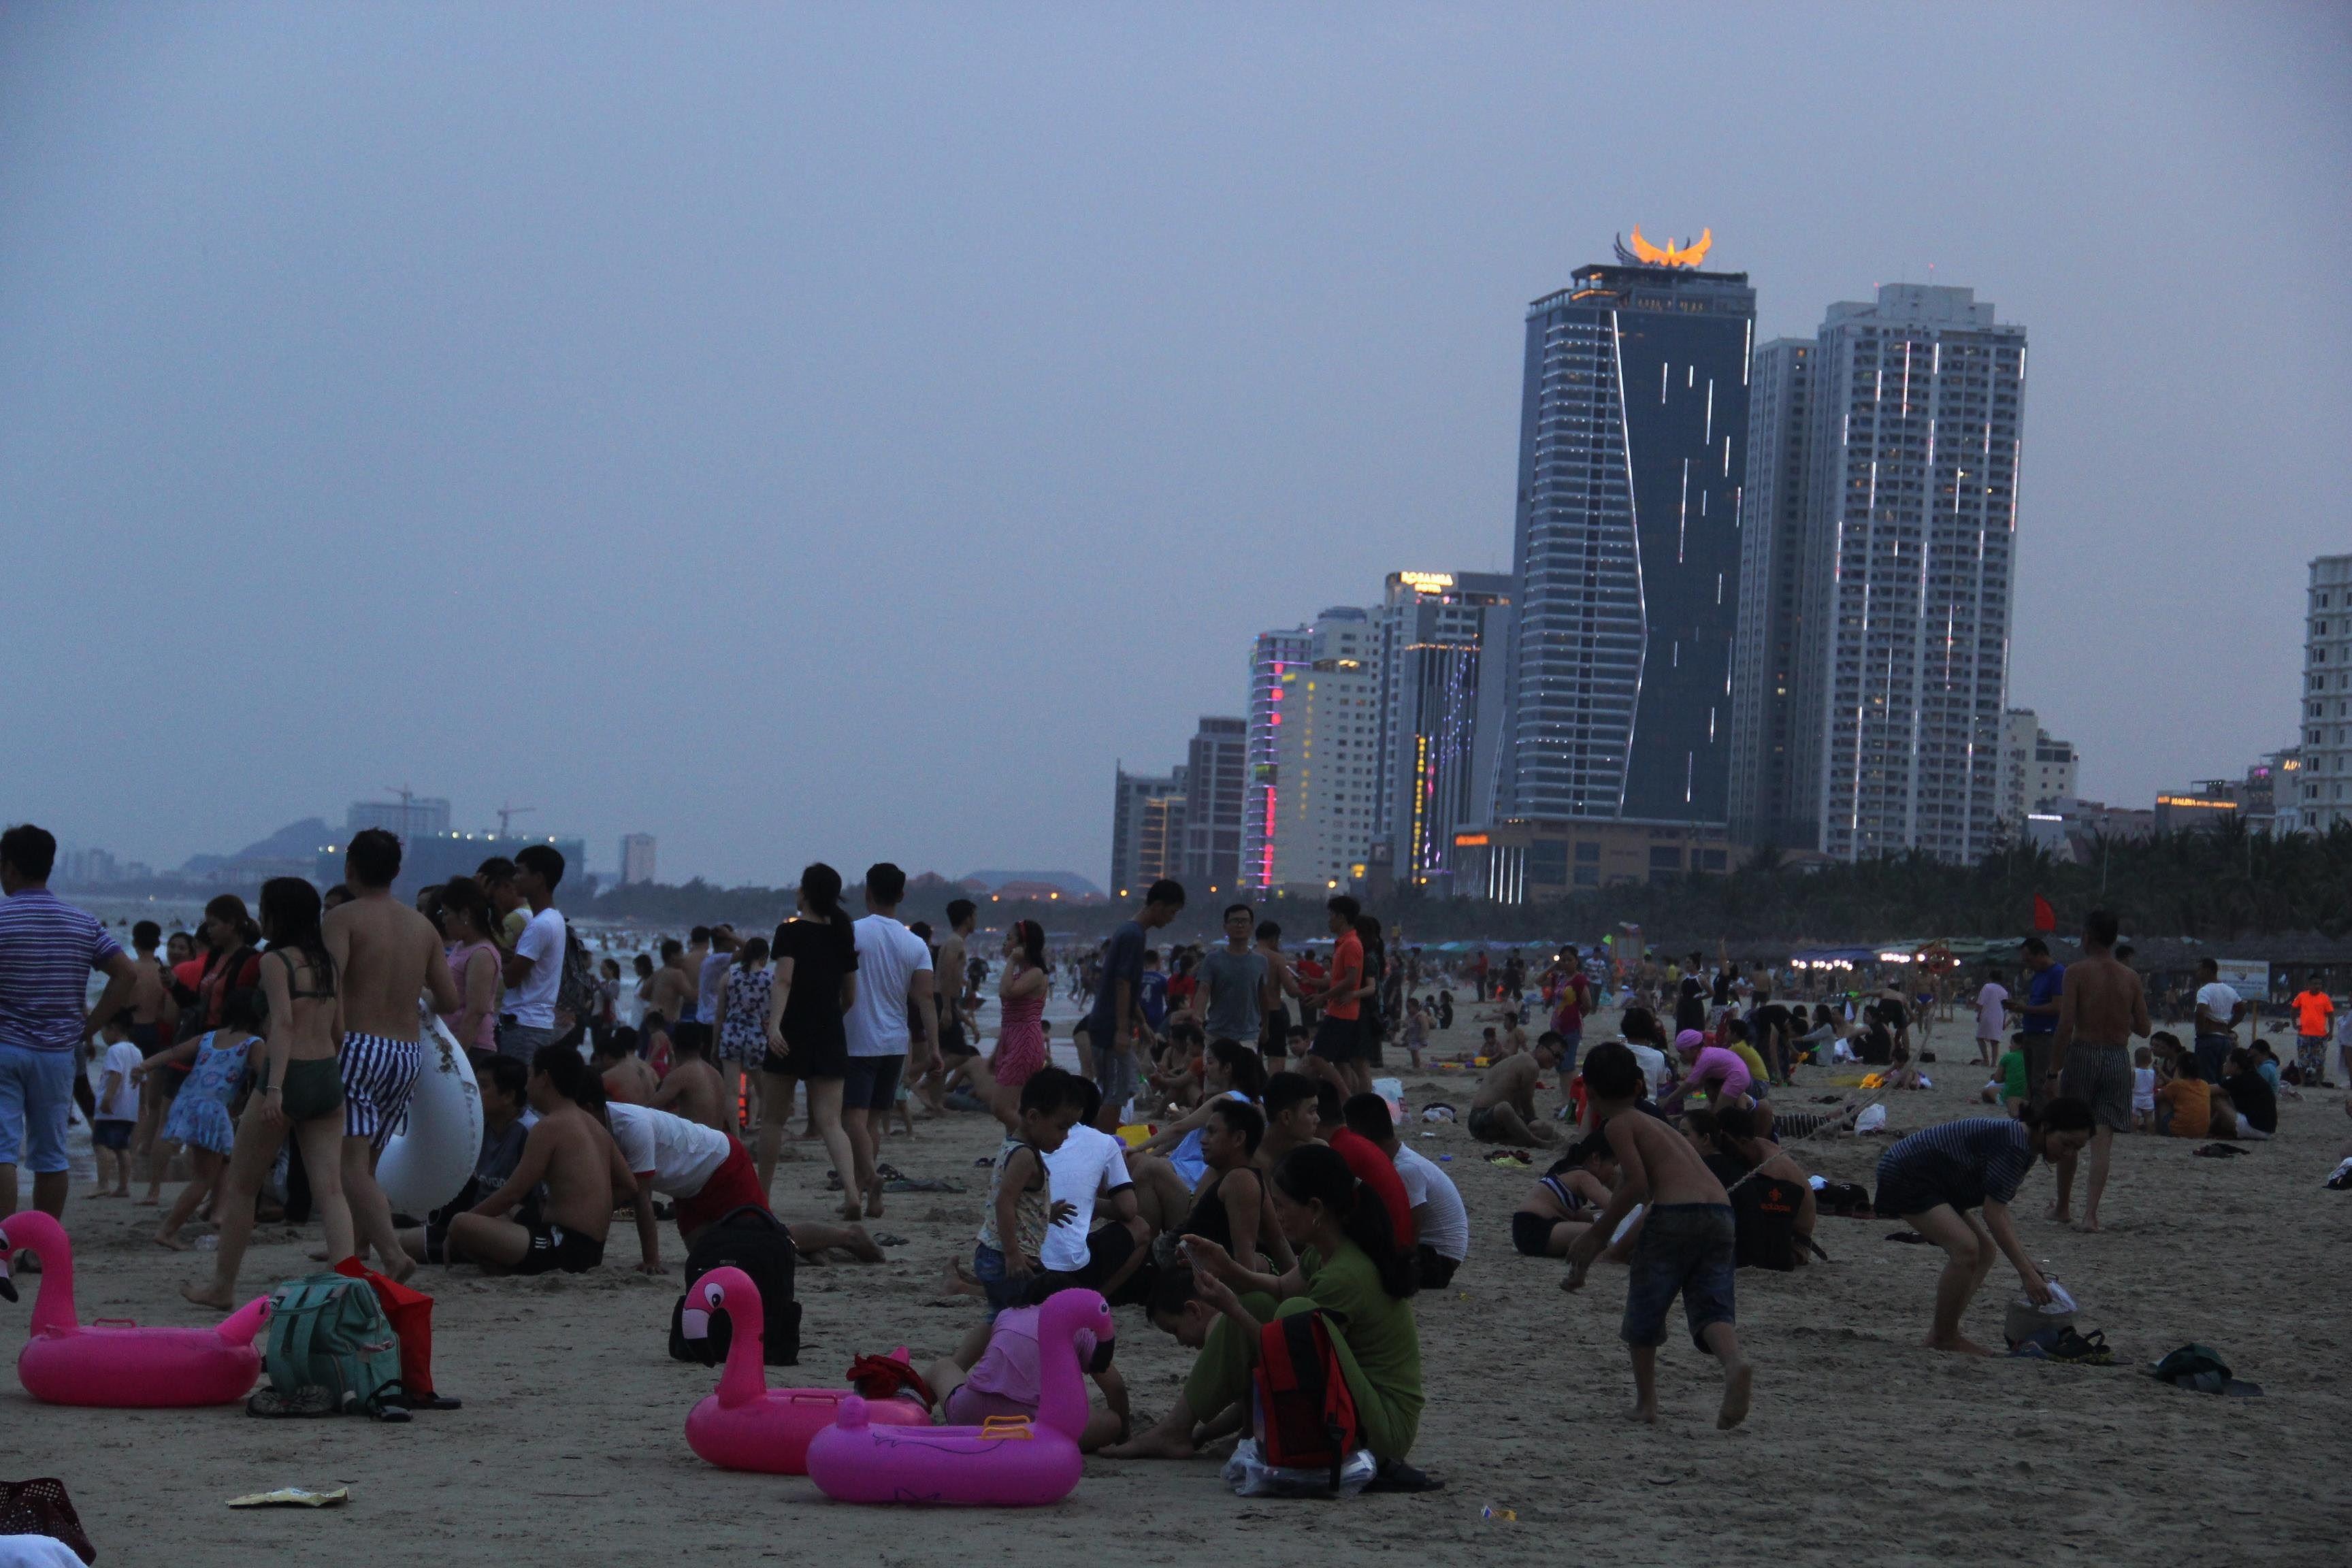 Hàng ngàn du khách đổ về bãi biển 'đẹp nhất hành tinh' Đà Nẵng Ảnh 6